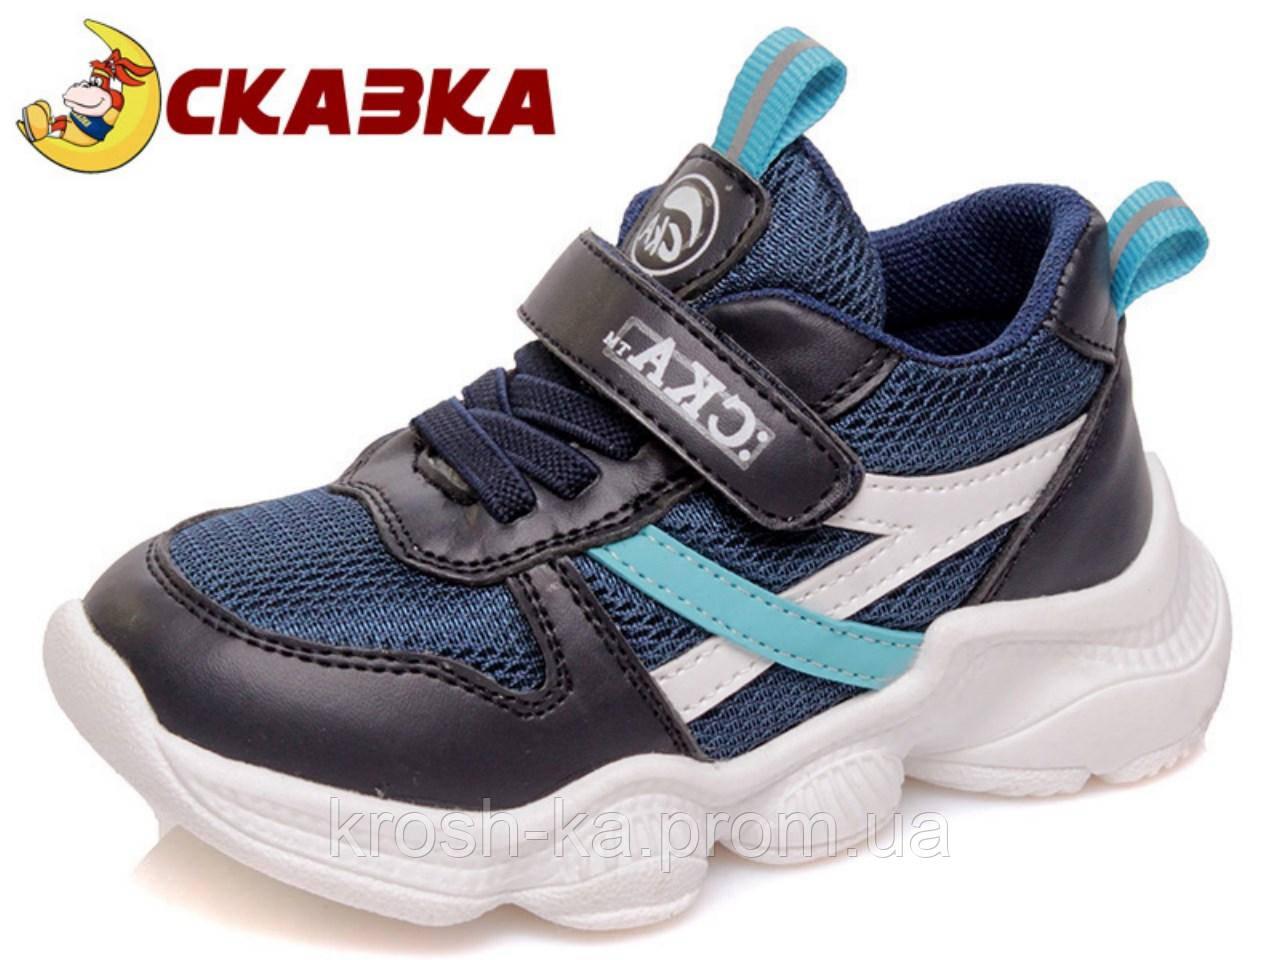 Кроссовки для мальчика (21)р синий Weestep Китай R926733335 DB